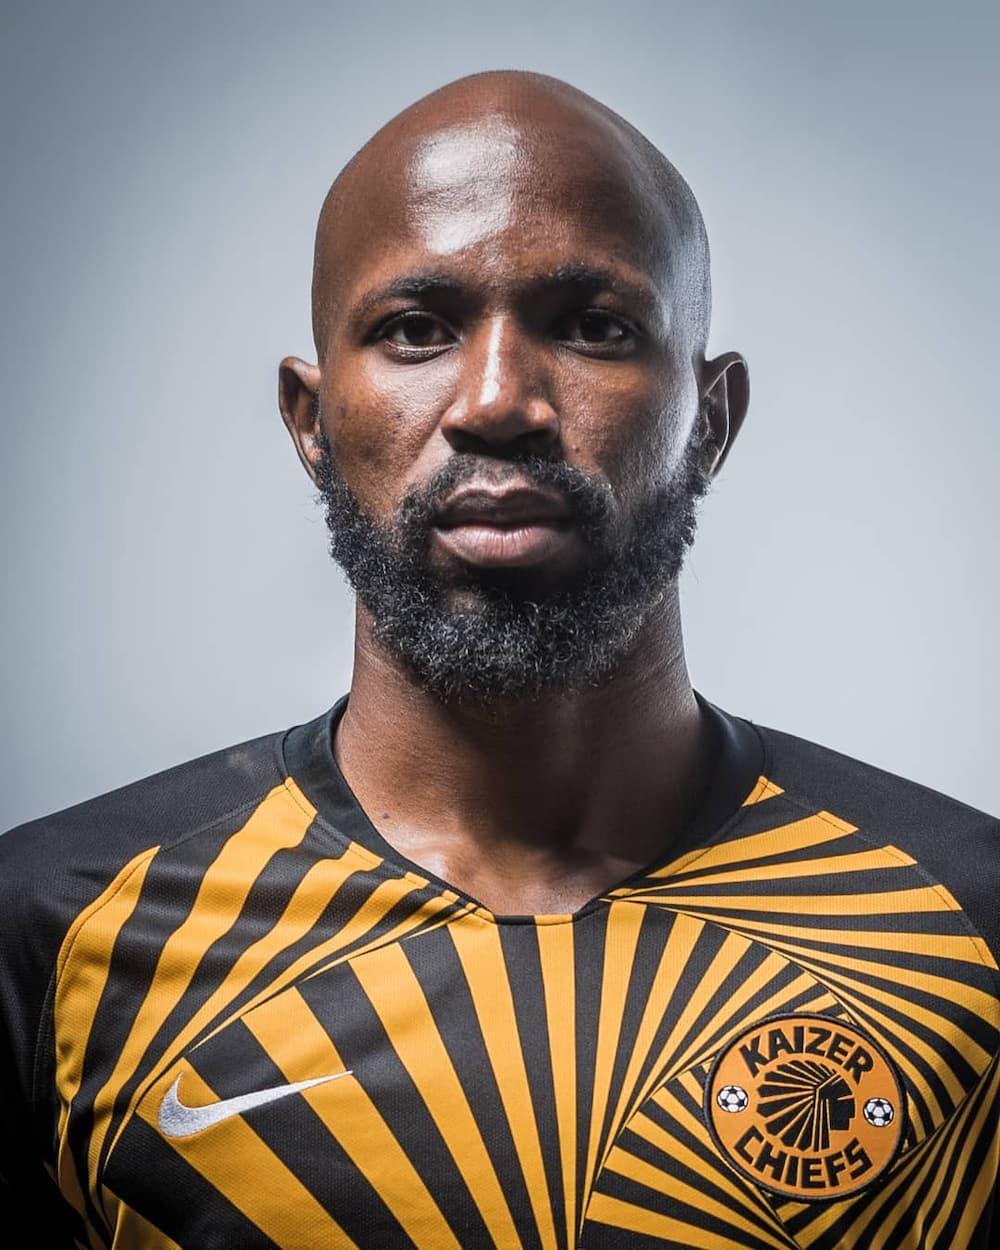 Ramahlwe Mphahlele